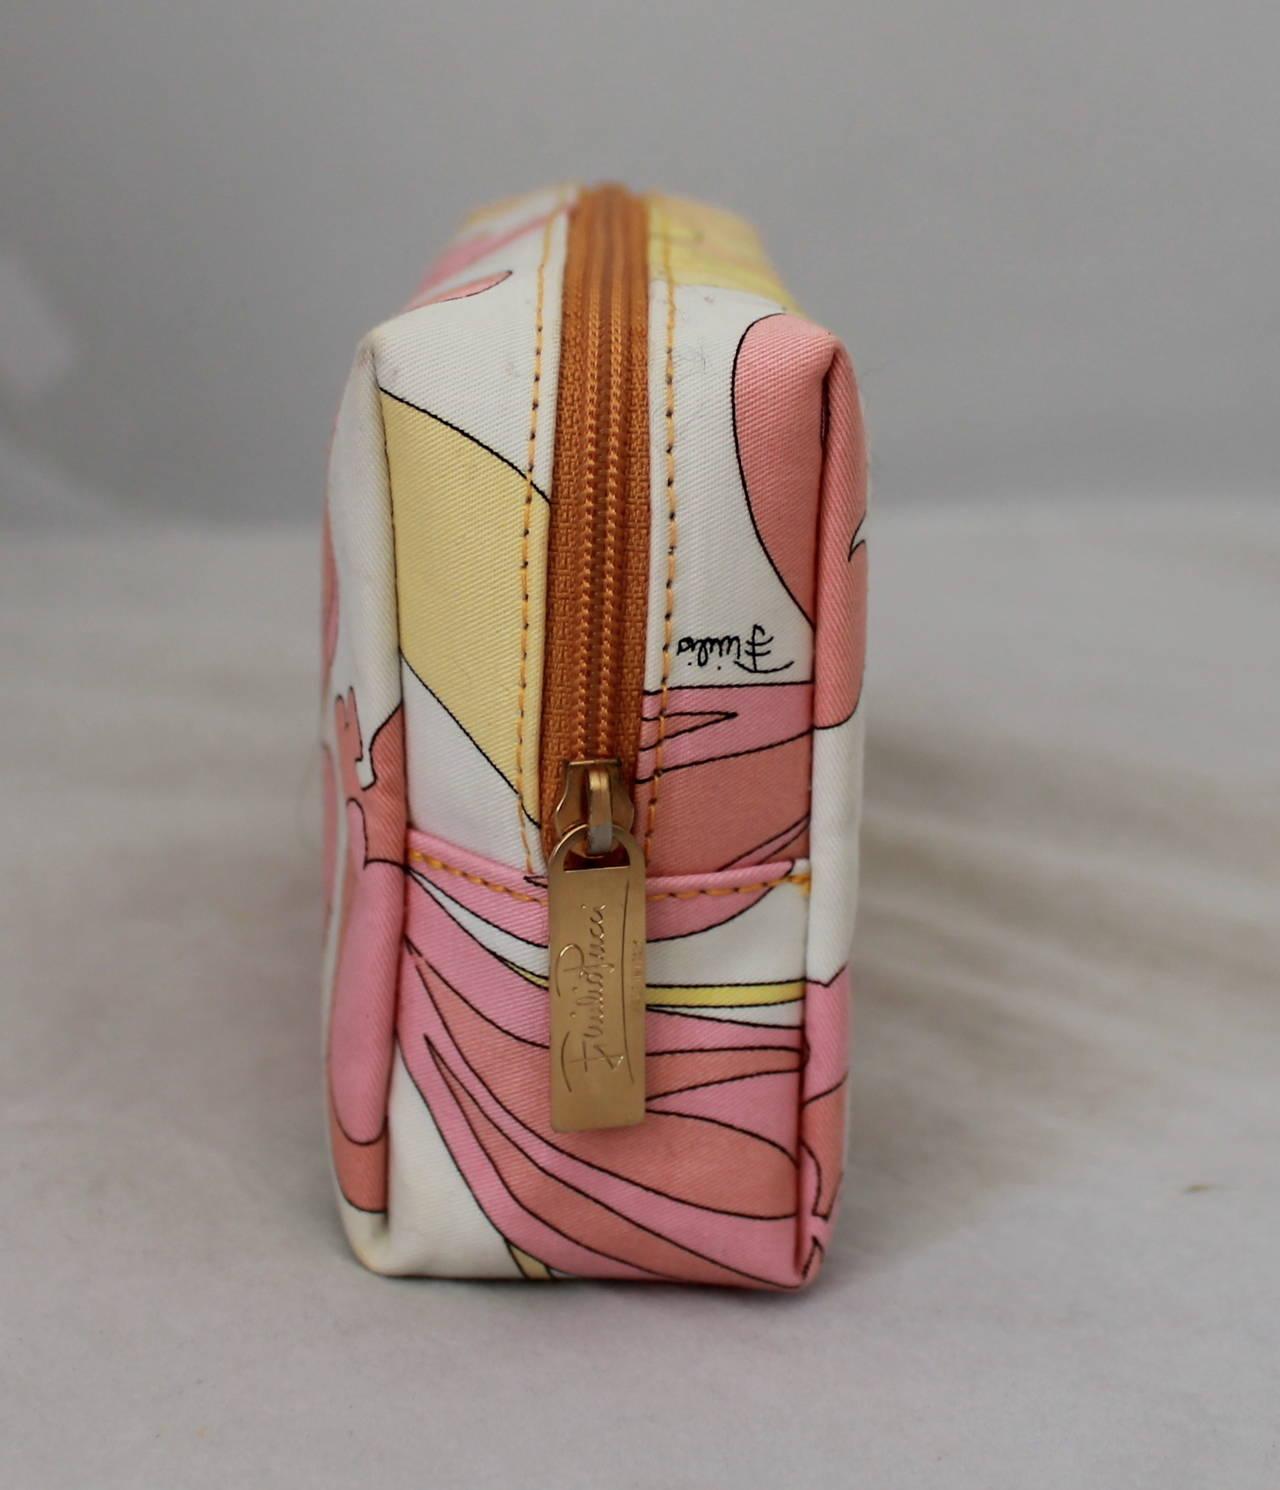 Emilio Pucci Multi Print Make Up Case 3